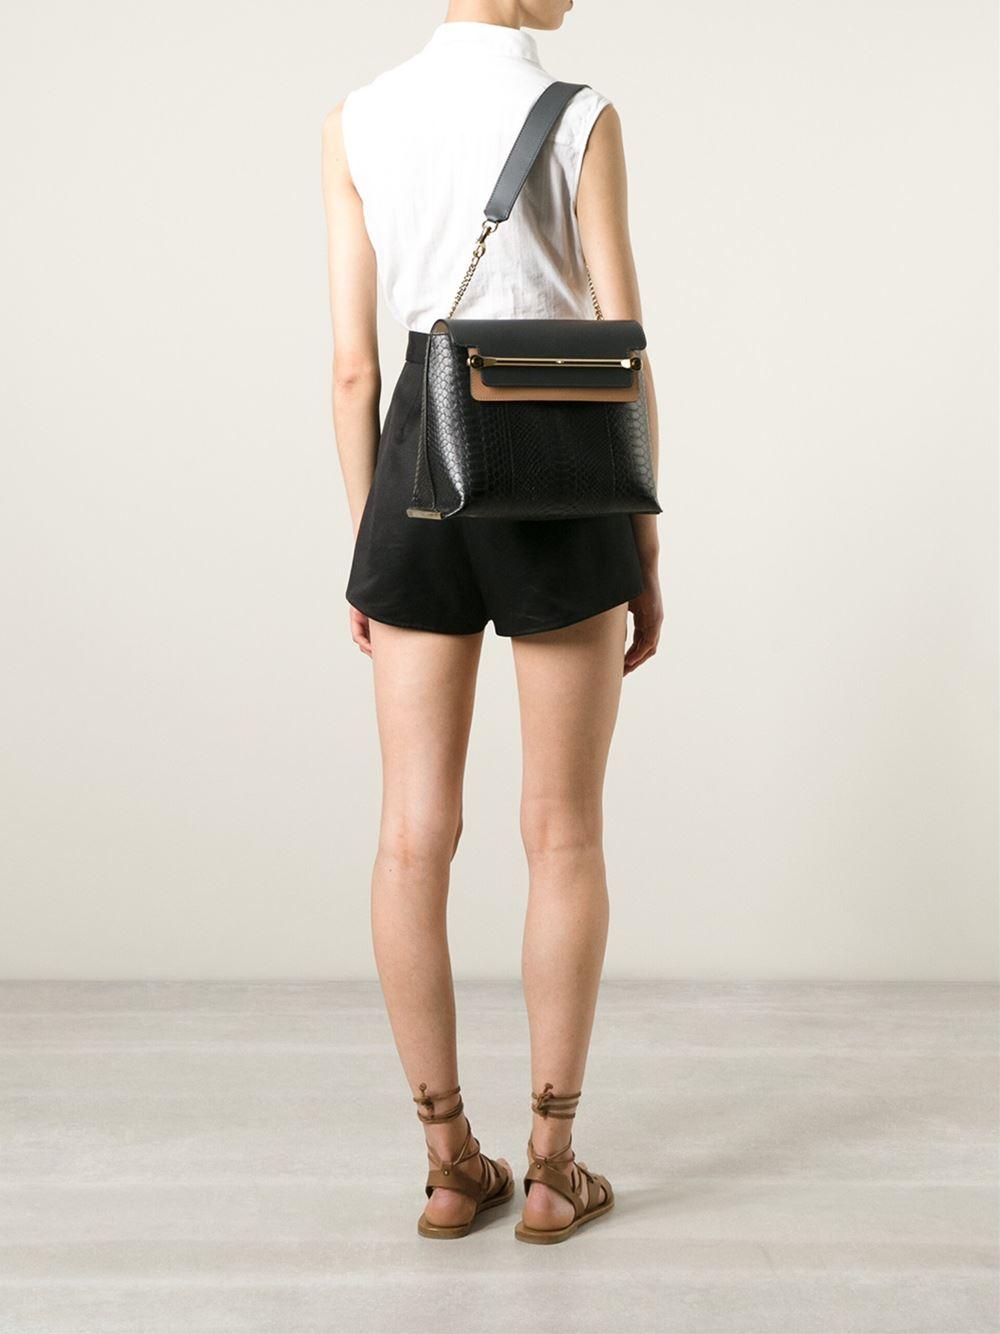 Chlo¨¦ Clare Python-Skin Shoulder Bag in Black | Lyst